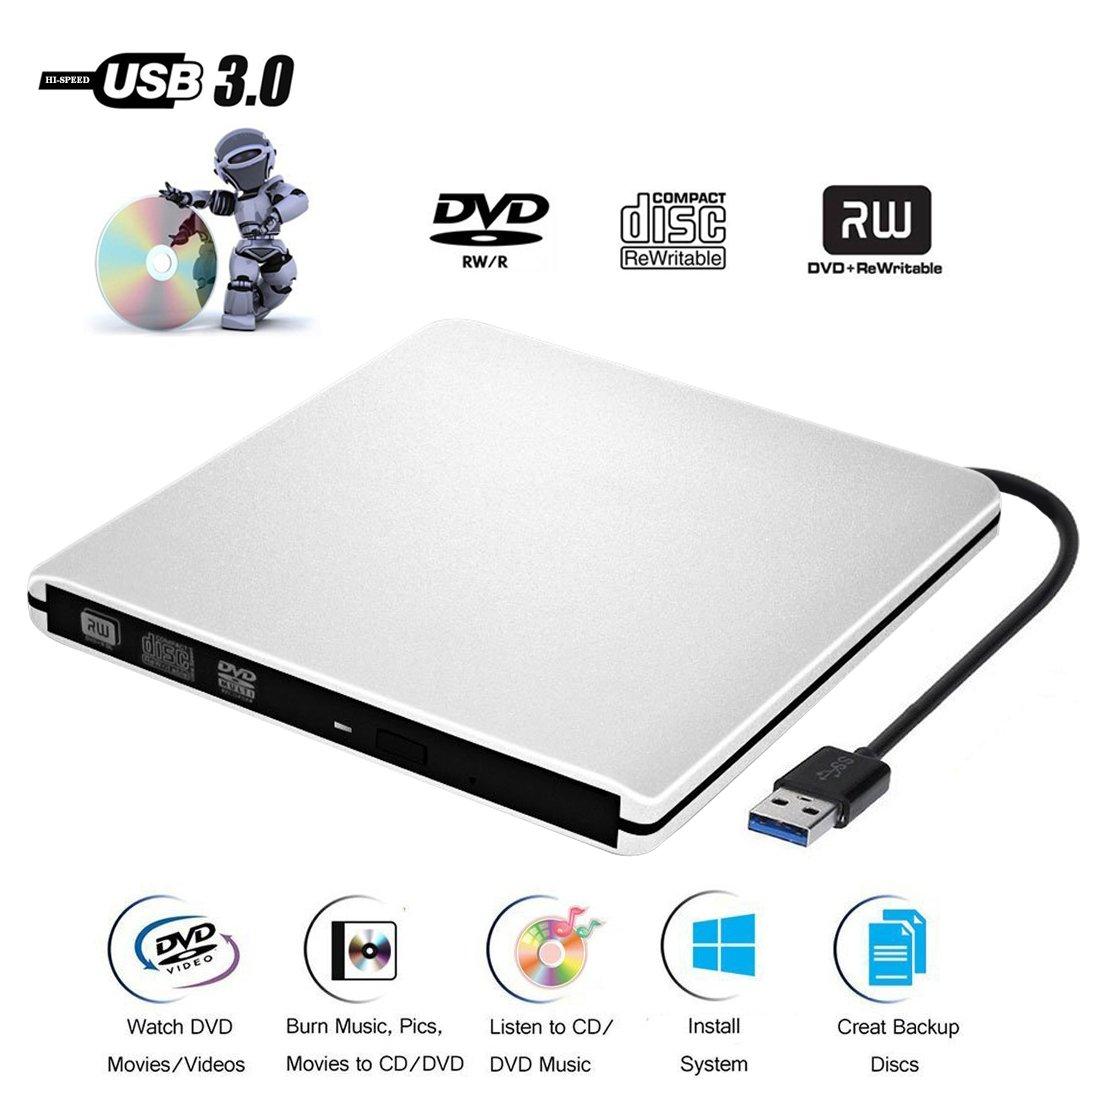 DVD CD Externo Jugador de Grabadora CD-ROM USB 3.0 CD/DVD-RW Uso de Portátil/Computadora/Macbool/ Mac OS / Vista y Windows XP / 10/8/7: Amazon.es: ...